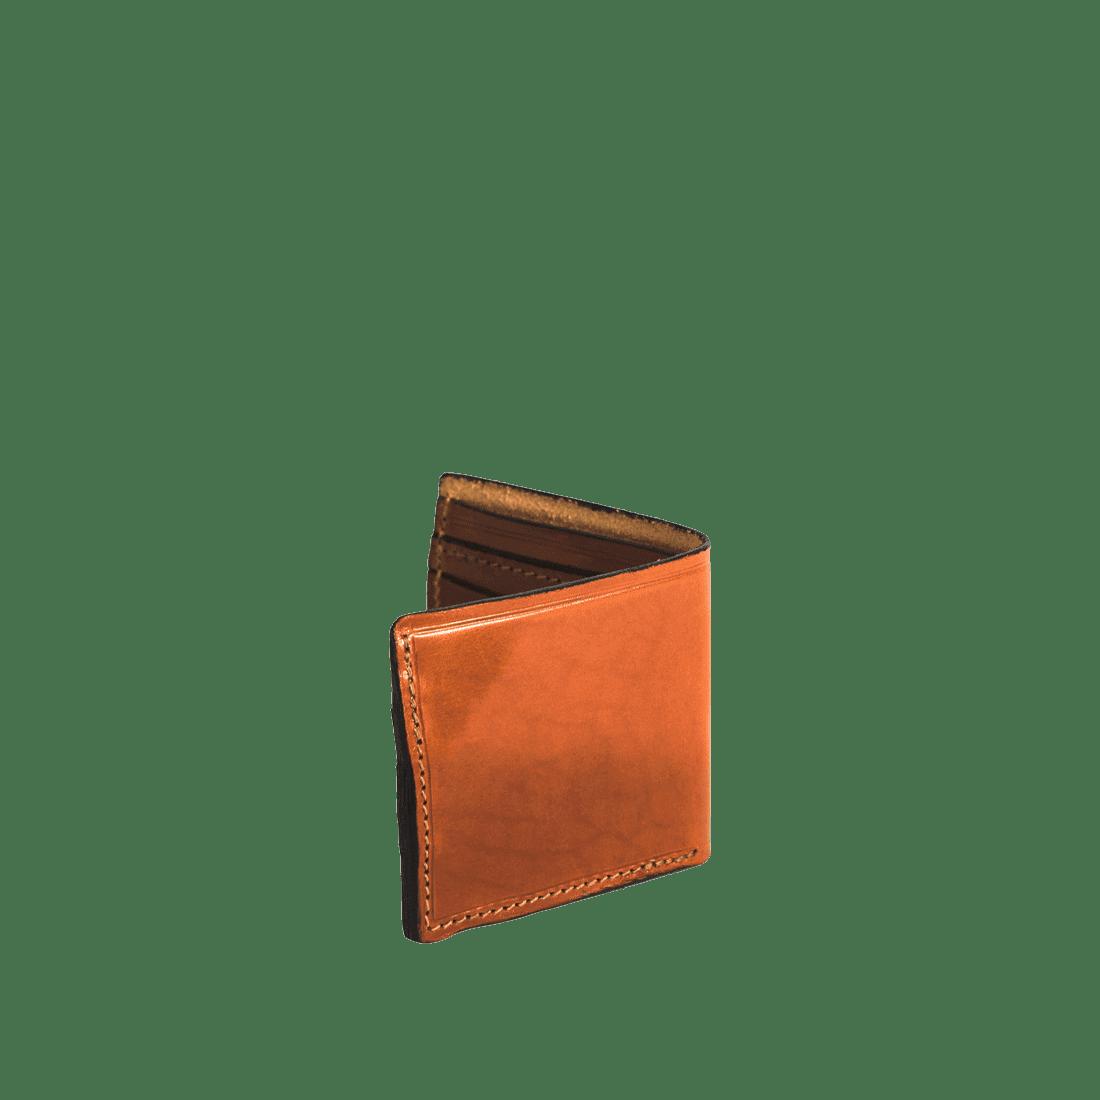 The Wallet shiny tan